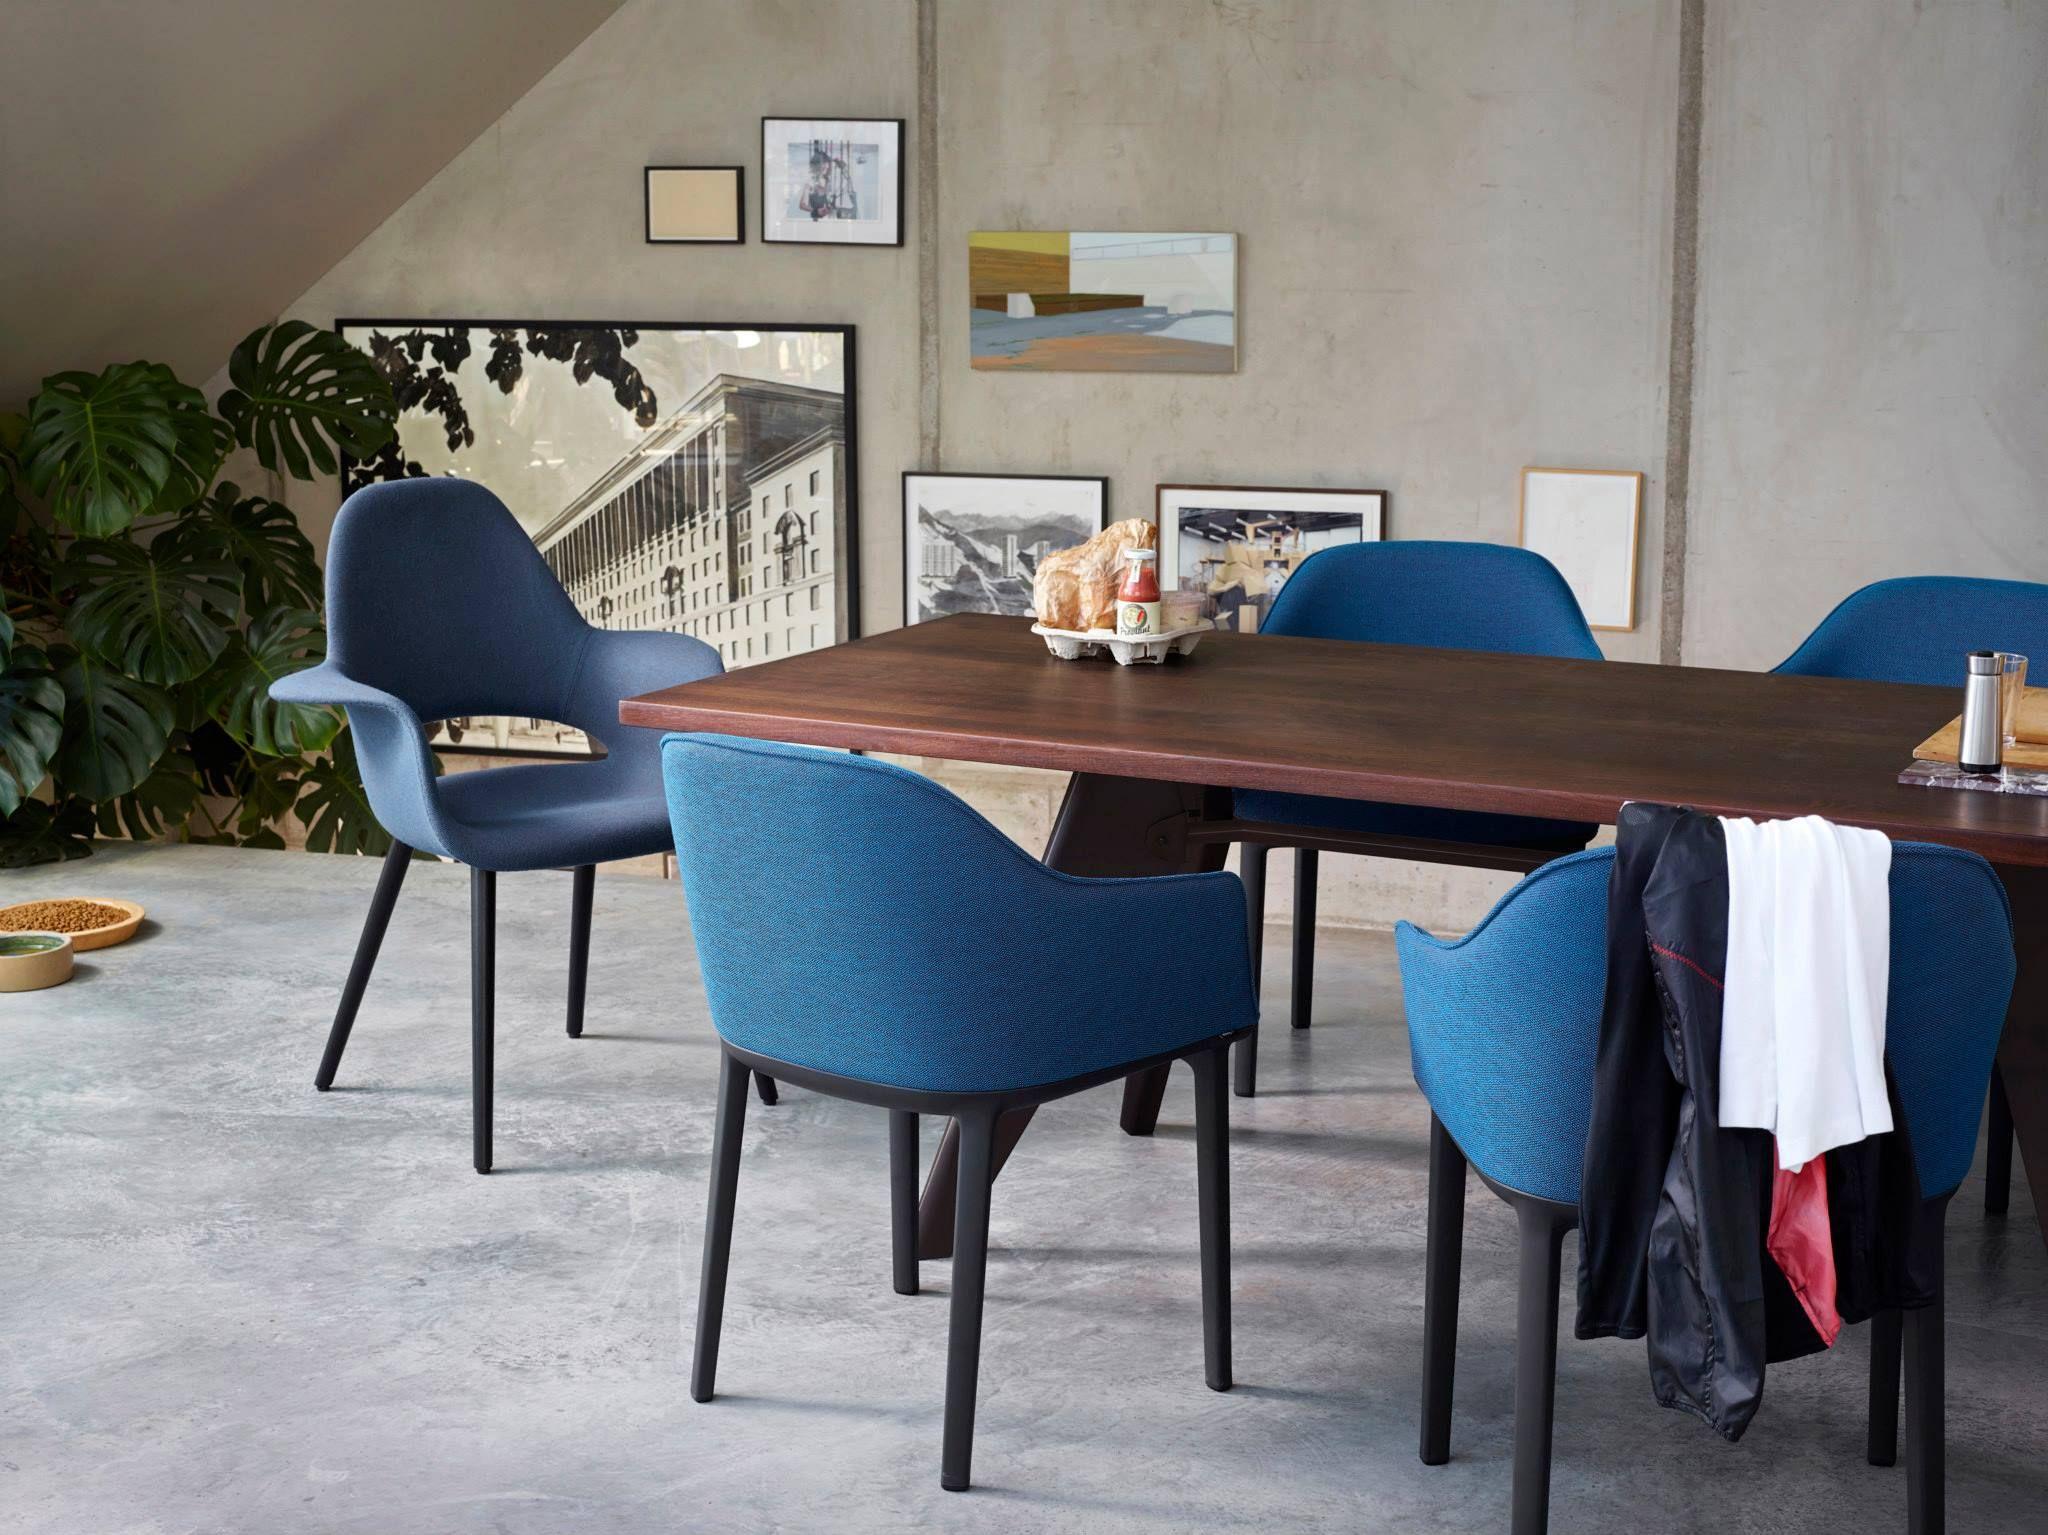 saarinen organic chair. Organic Chair De Charles #Eames Y Eero #Saarinen (1940) #Vitra. \ Saarinen